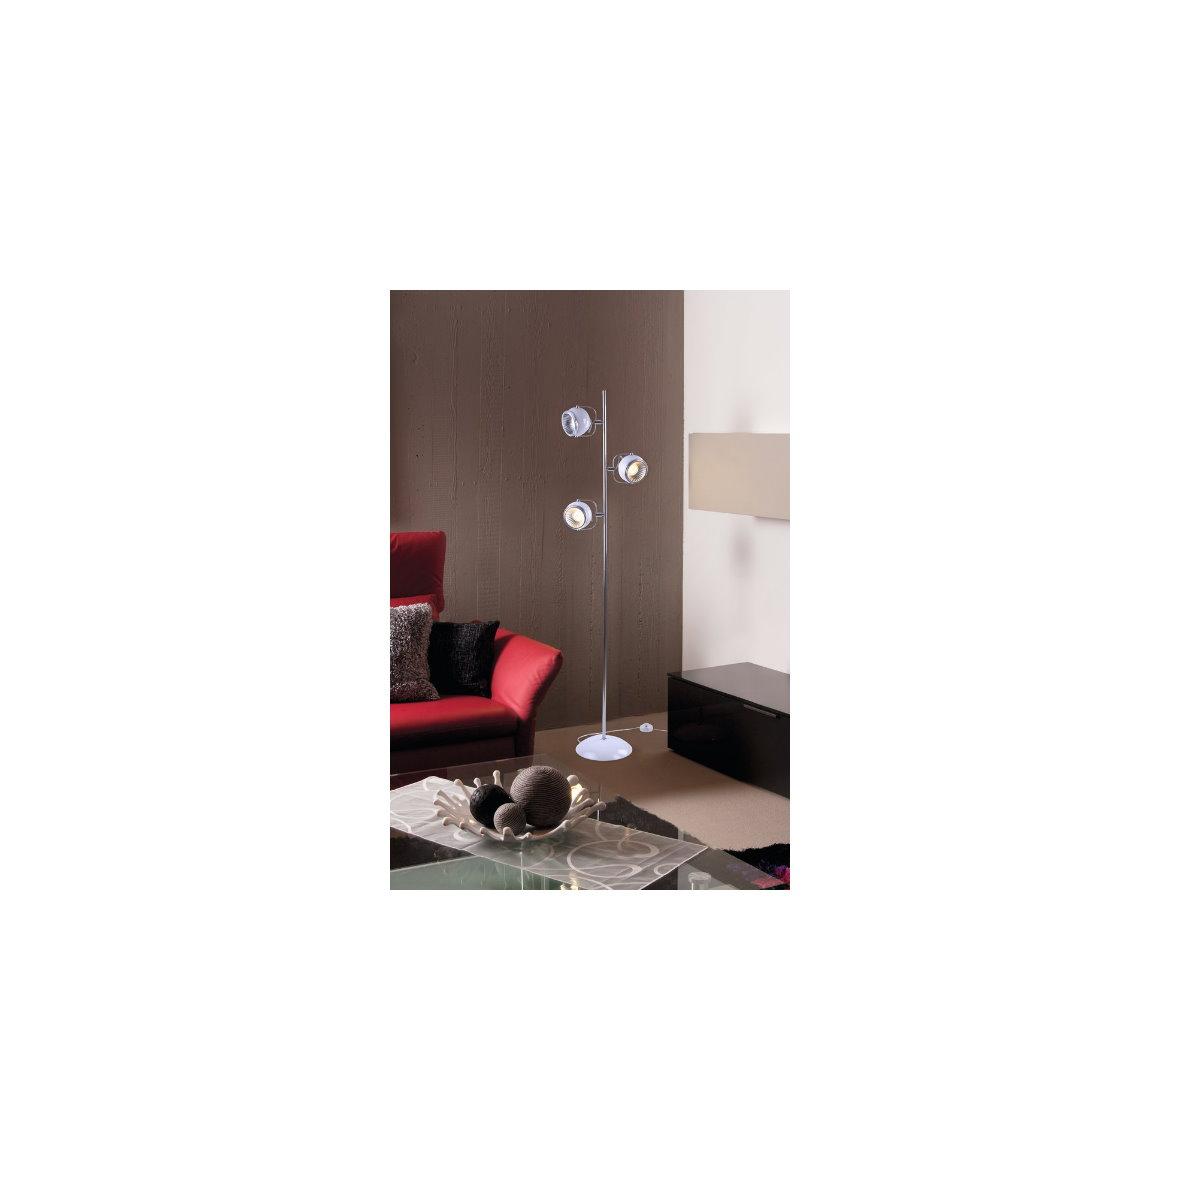 Strahler GU10 Spot Leuchte Lampe Decke Deckenleuchte Tisch Retro ...